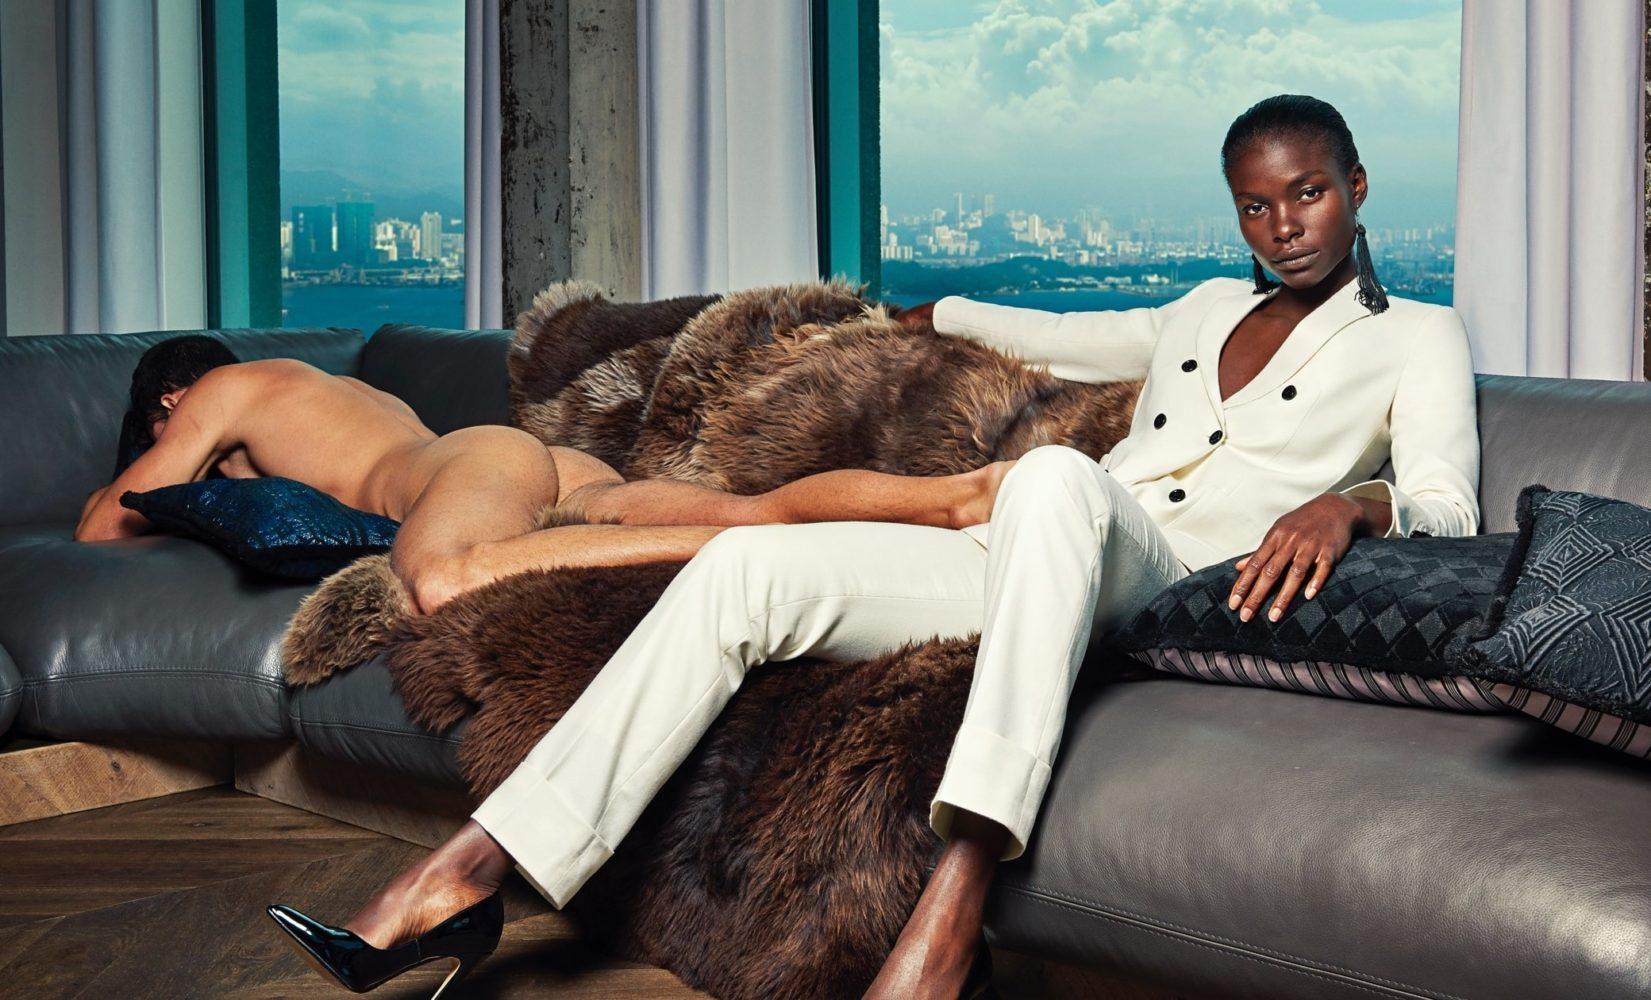 Mænd er nøgne rekvisitter i reklame for tøjbrand - Bureaubiz